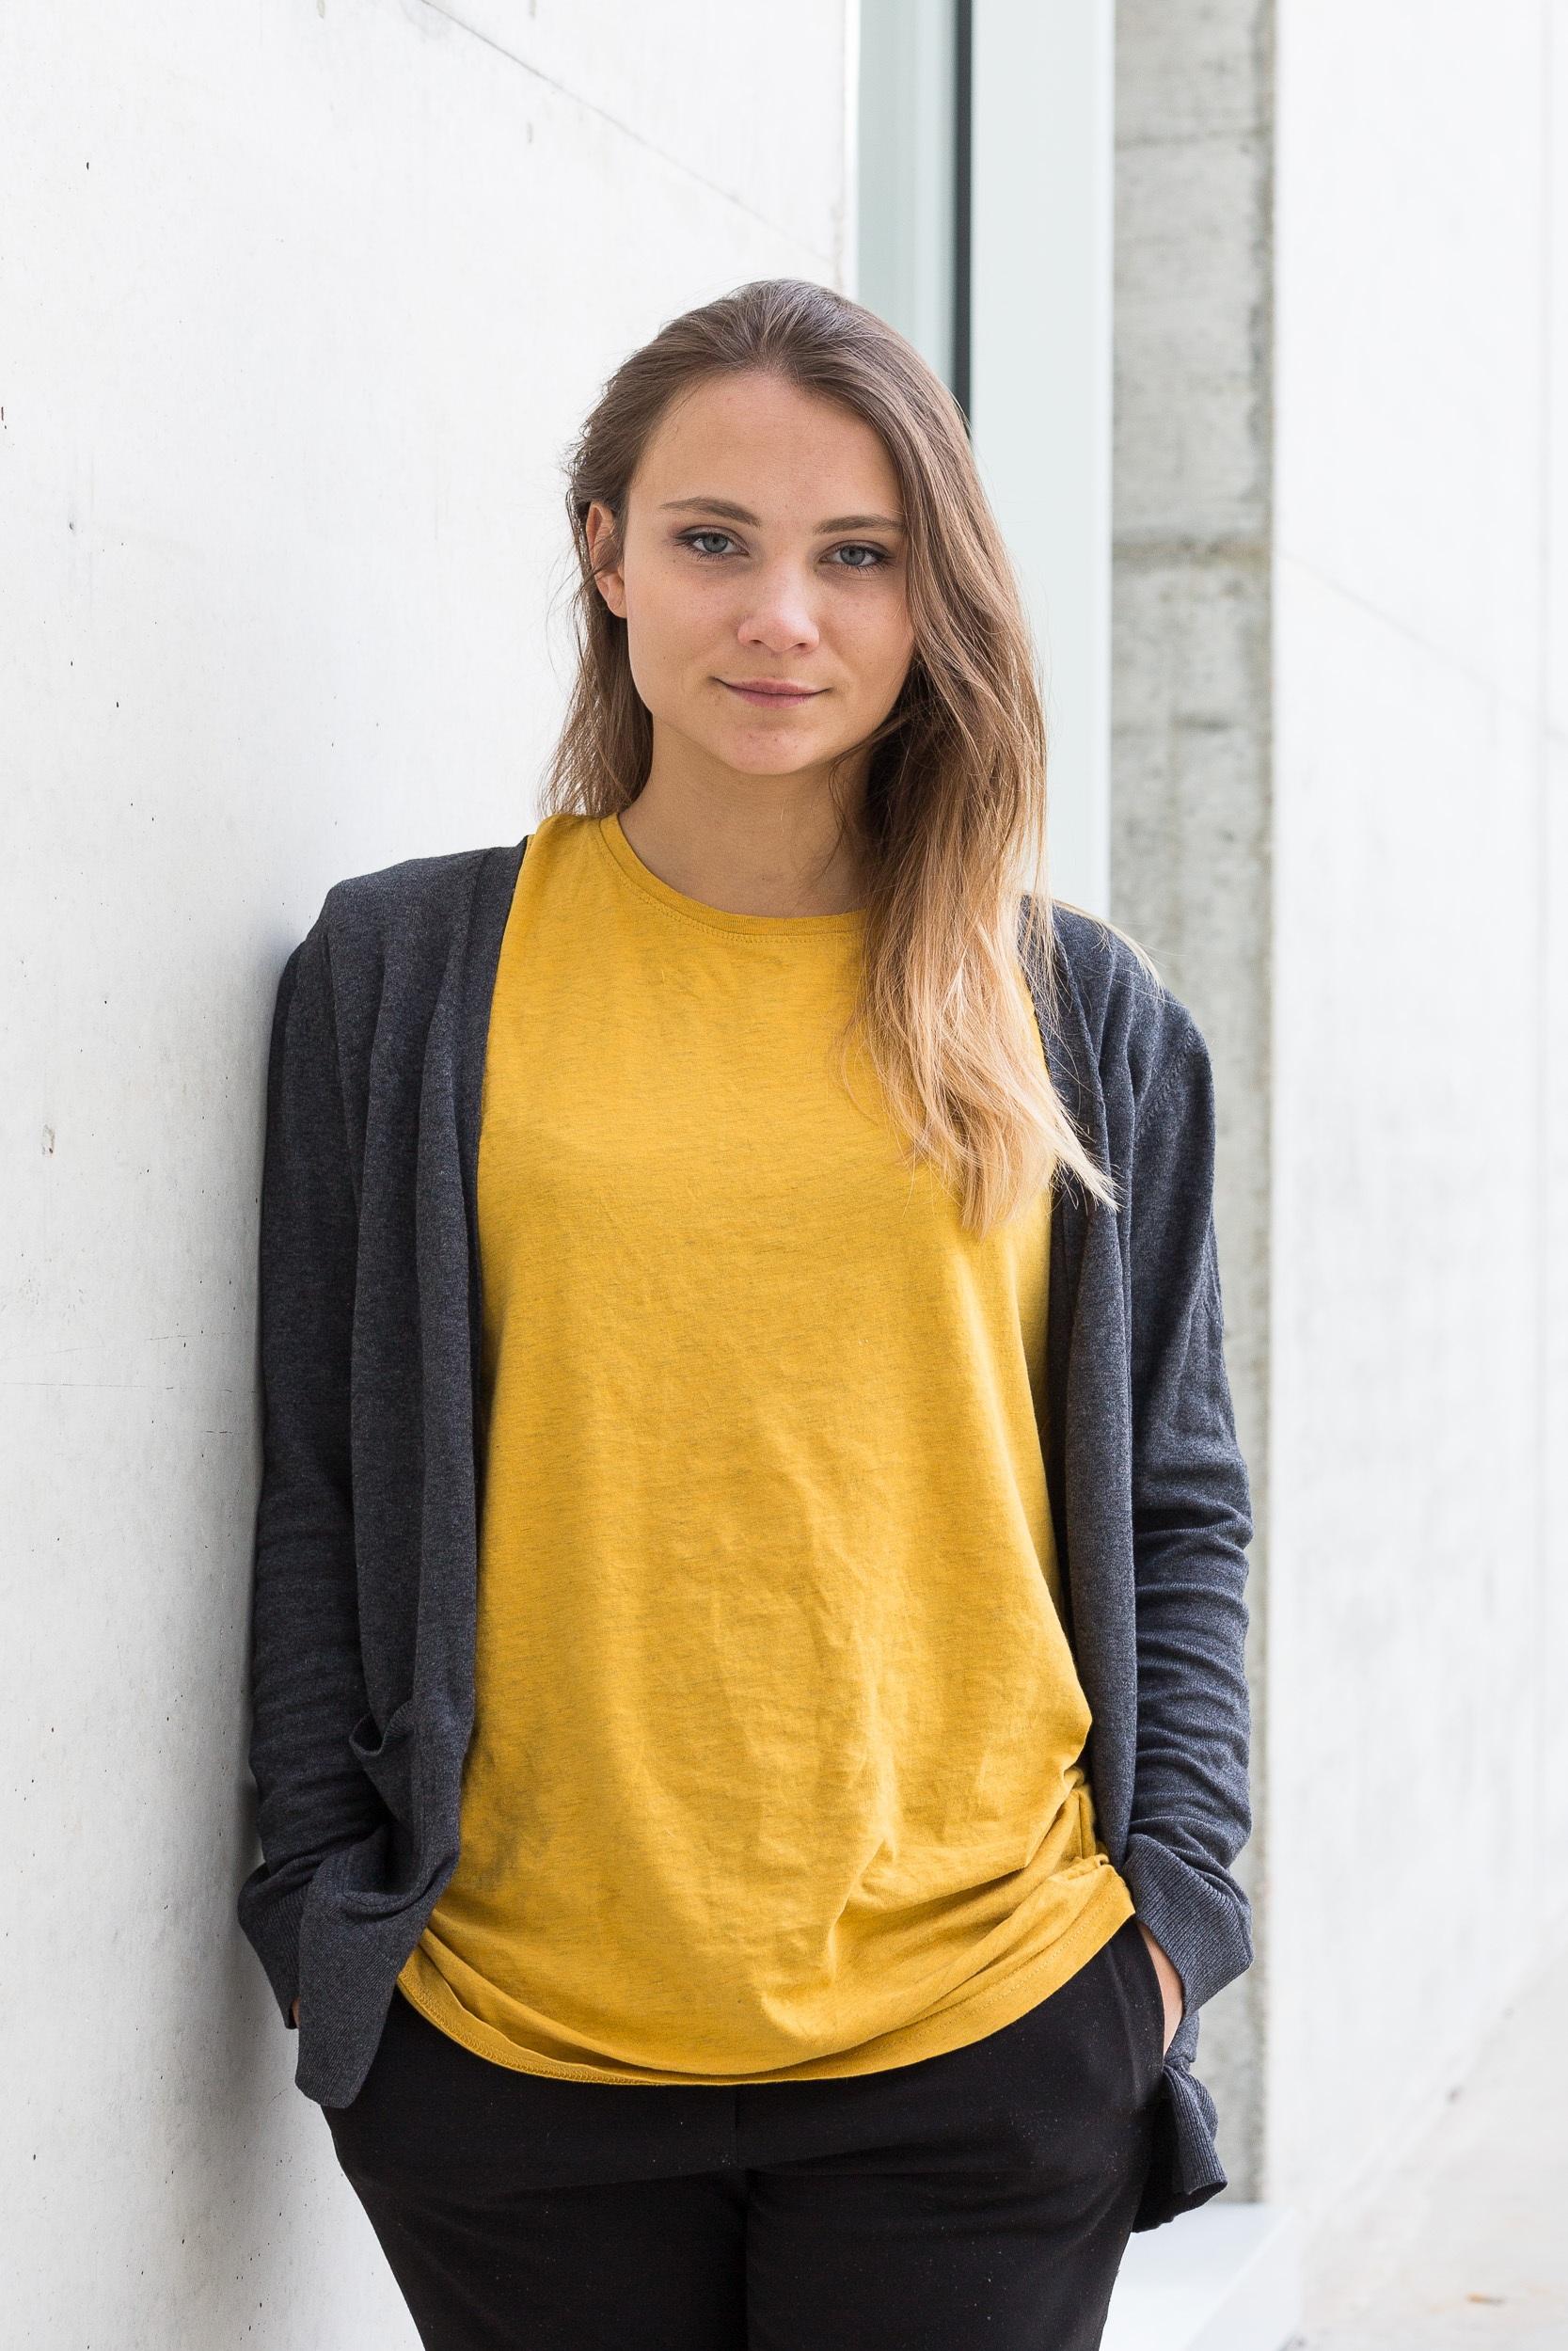 Katja Mamsin — Head of Help Desk